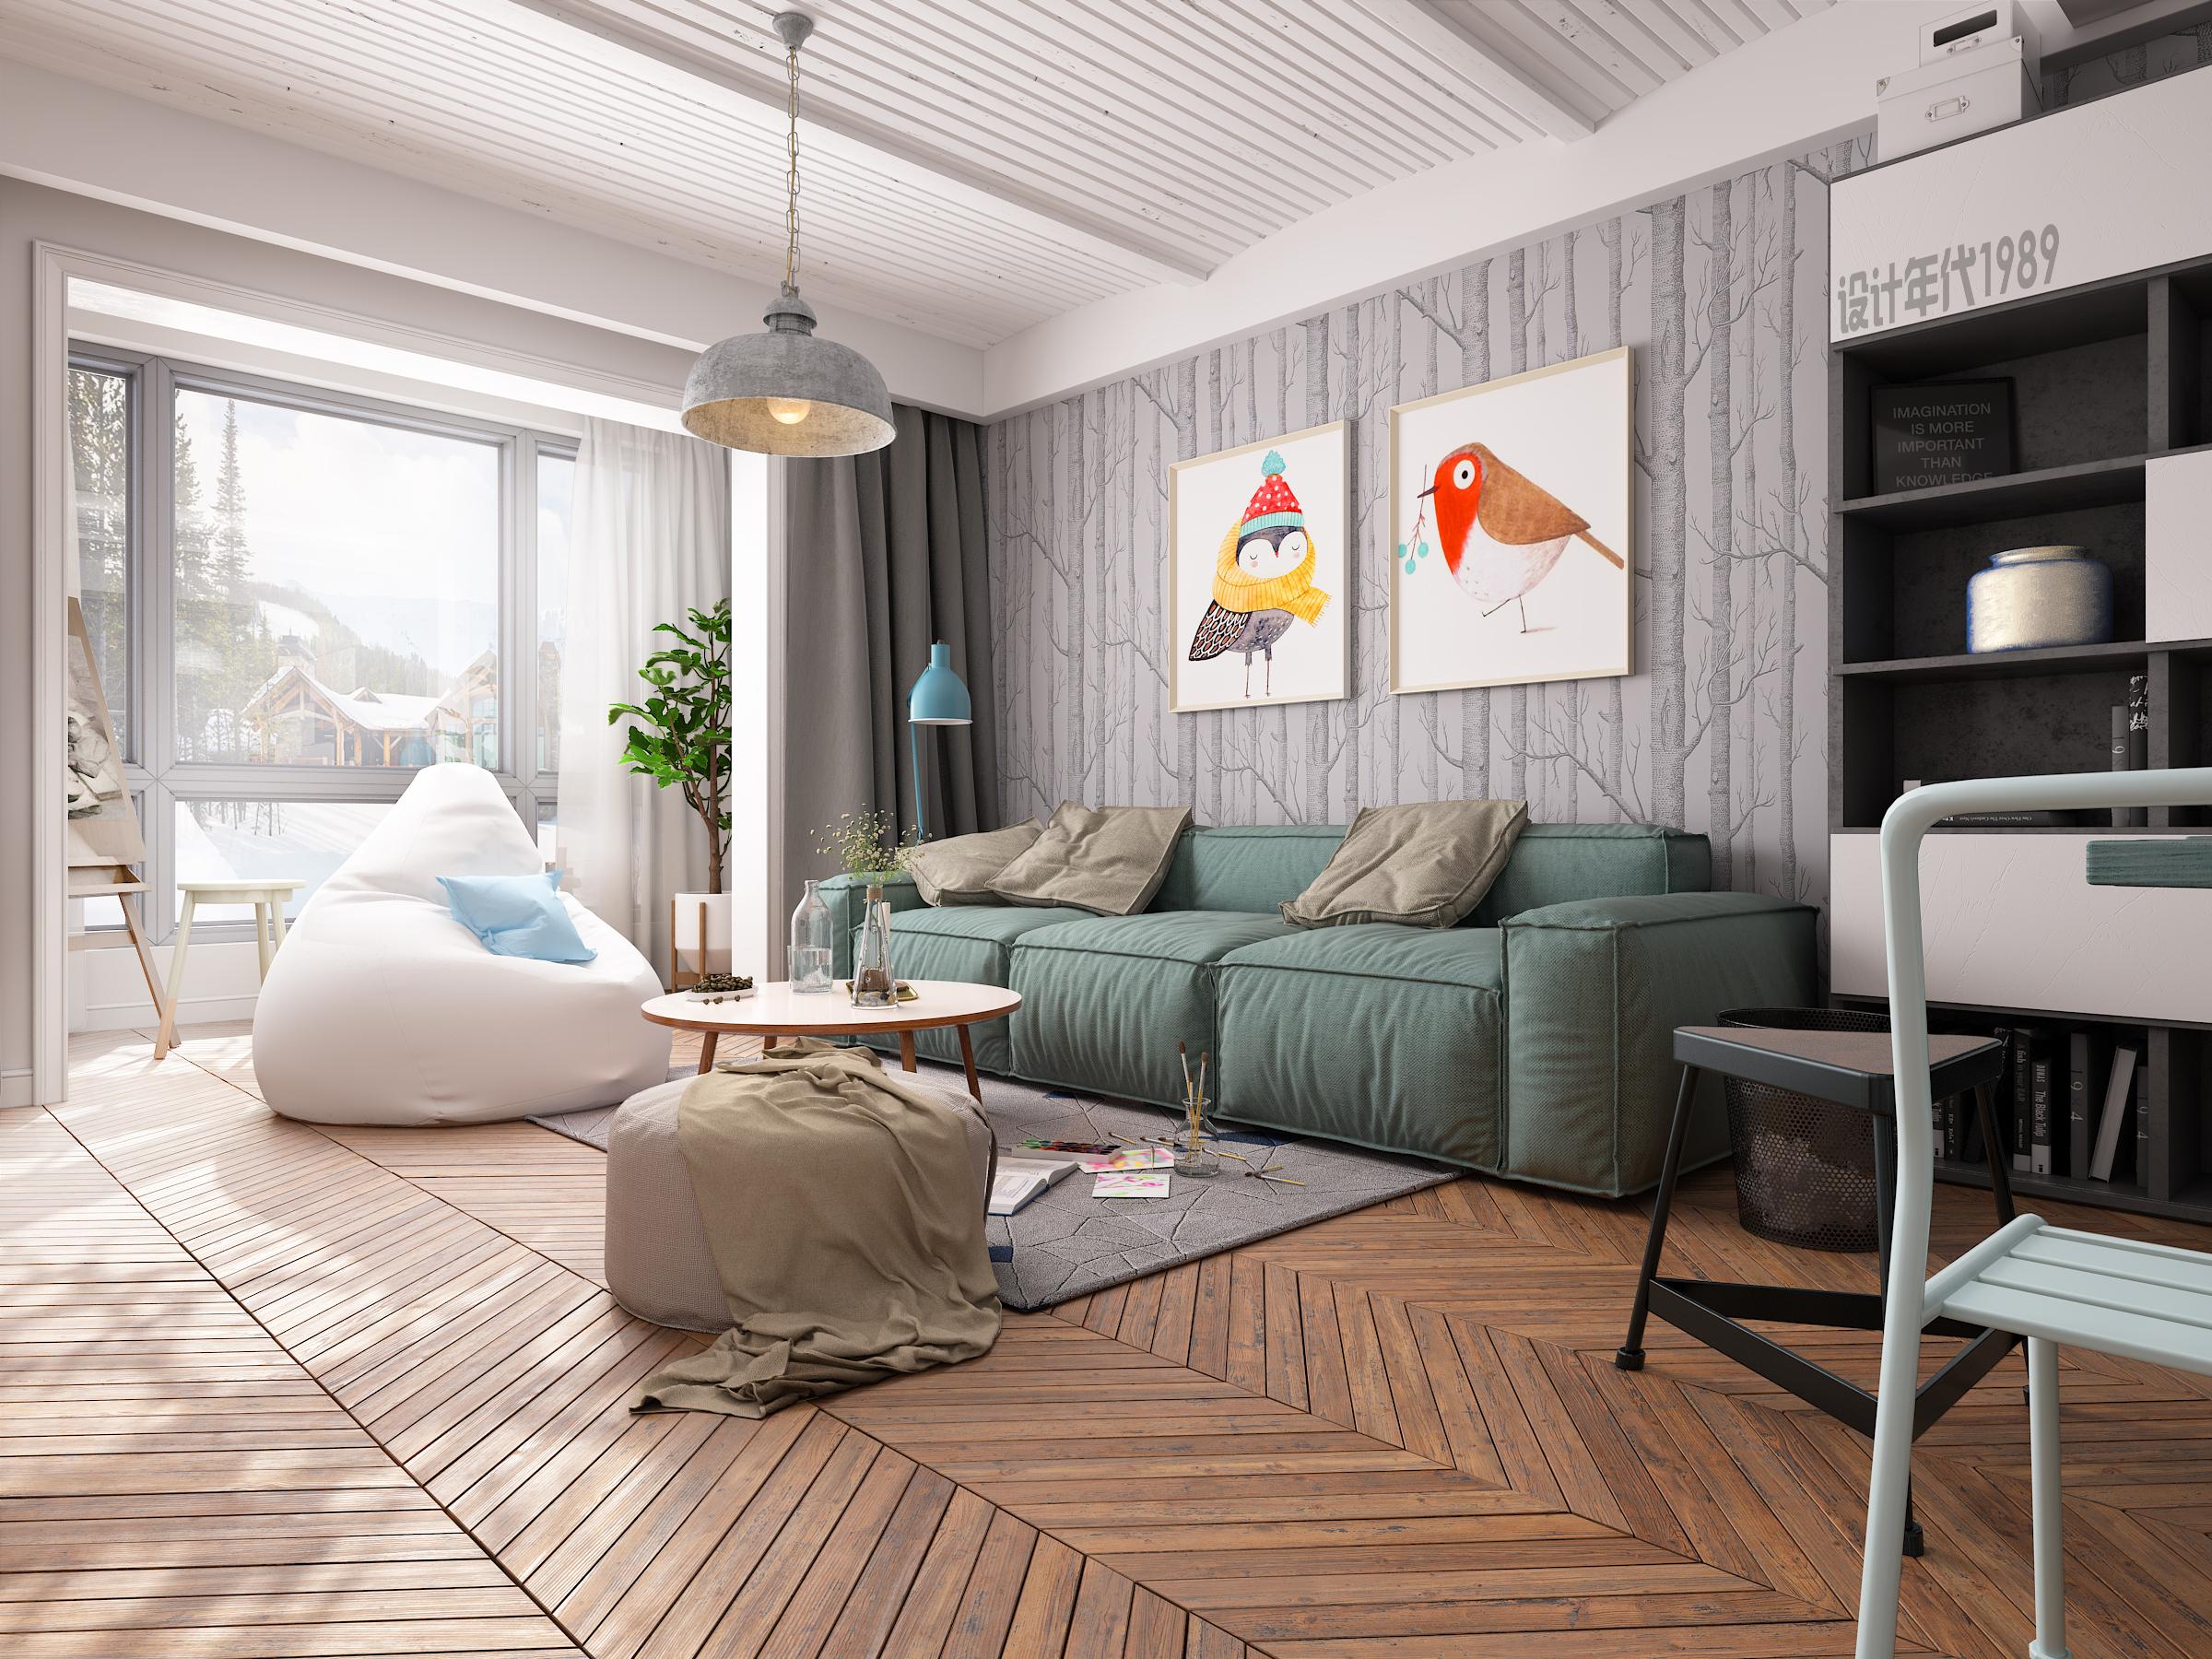 北欧风两居室模板美宅原创 空间 室内设计 v模板ppt阳光创意设计图片